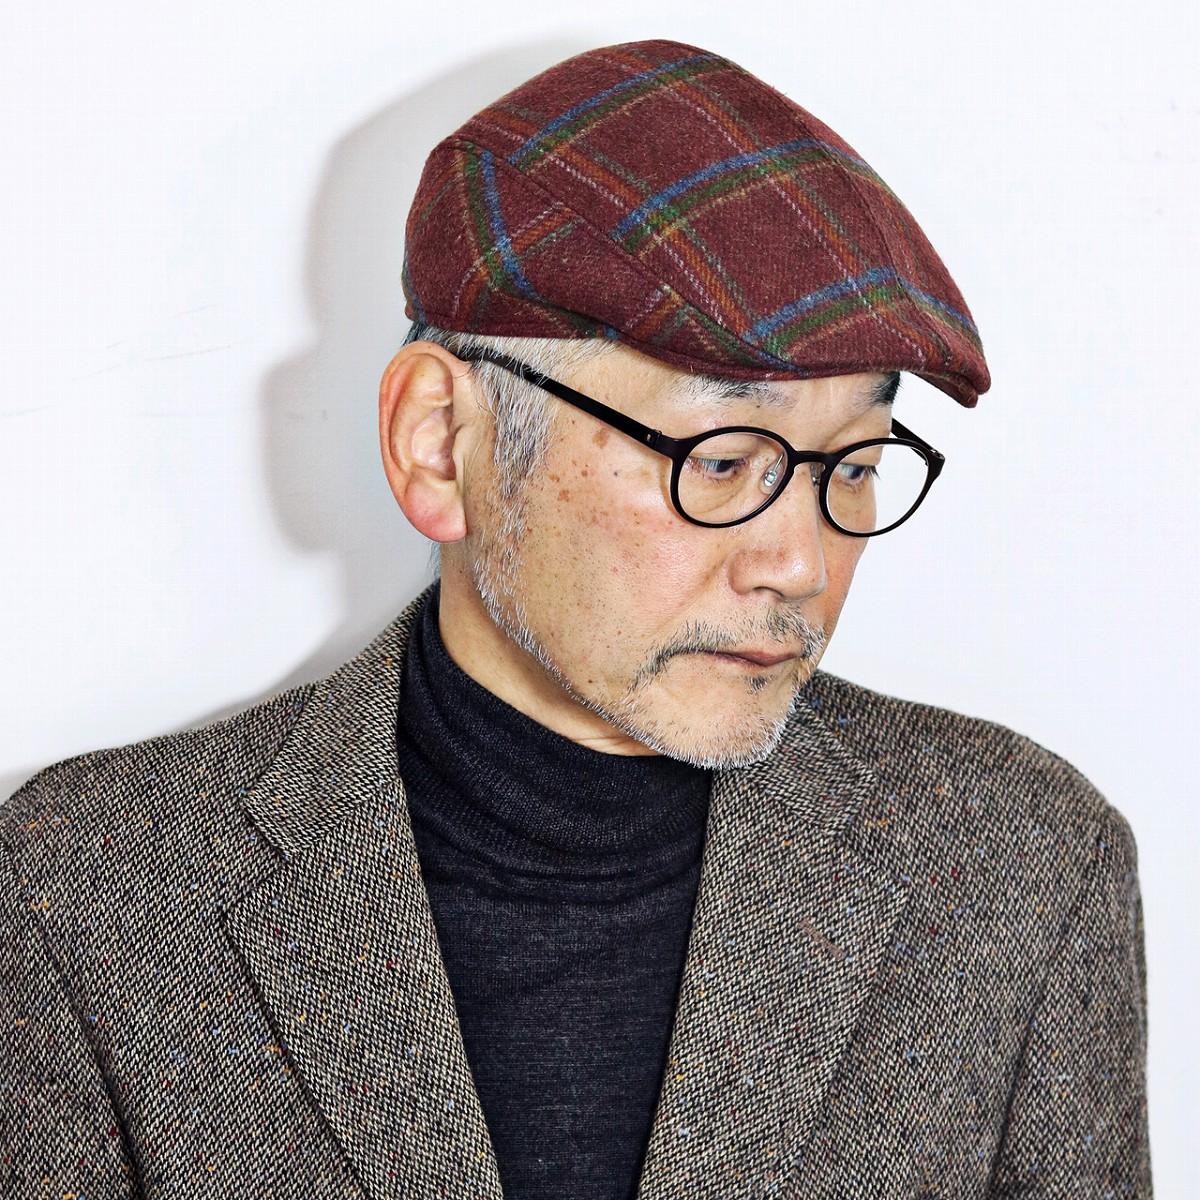 ウール ハンチング フランス製 メンズ 帽子 クランベス CRAMBES インポートブランド チェック柄 ハンチング帽 赤 ワインレッド ワイン [ ivy cap ]( クリスマス ギフト包装 ラッピング 無料 )